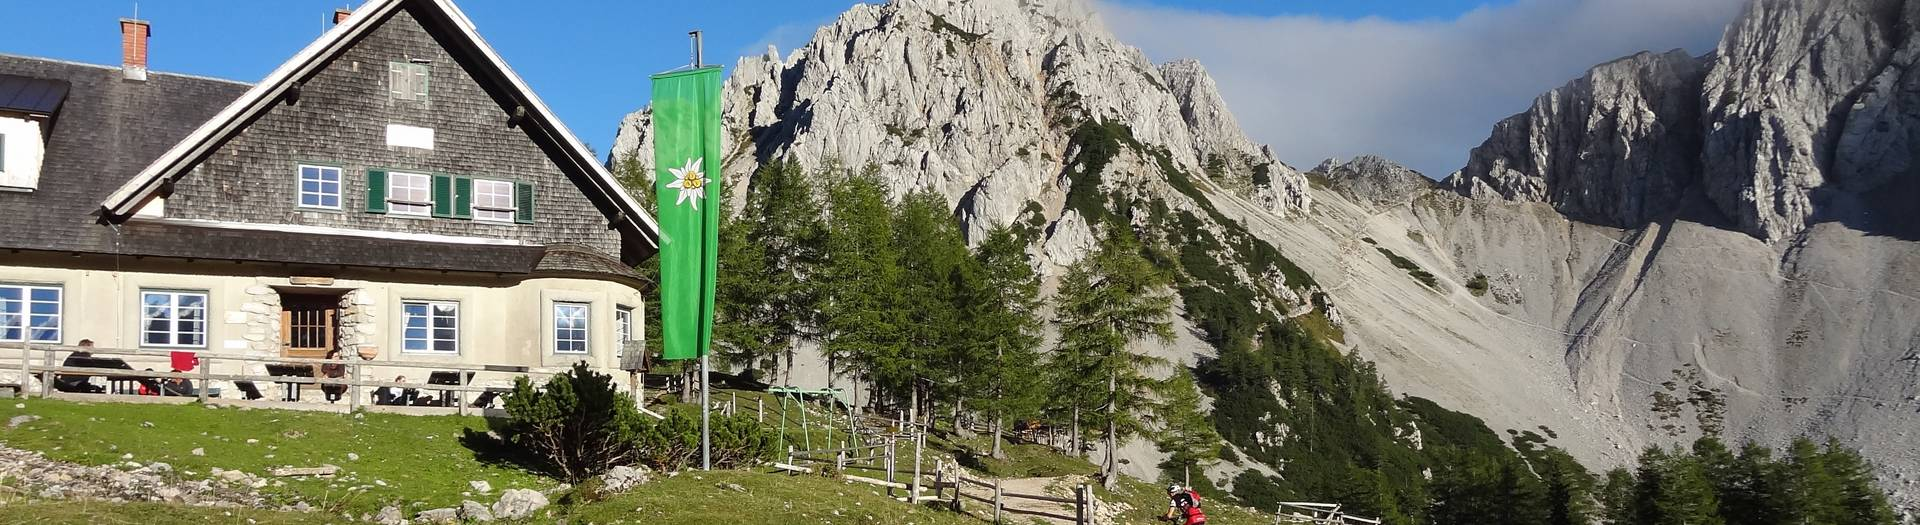 Klagenfurter Hütte in Feistritz im Rosental